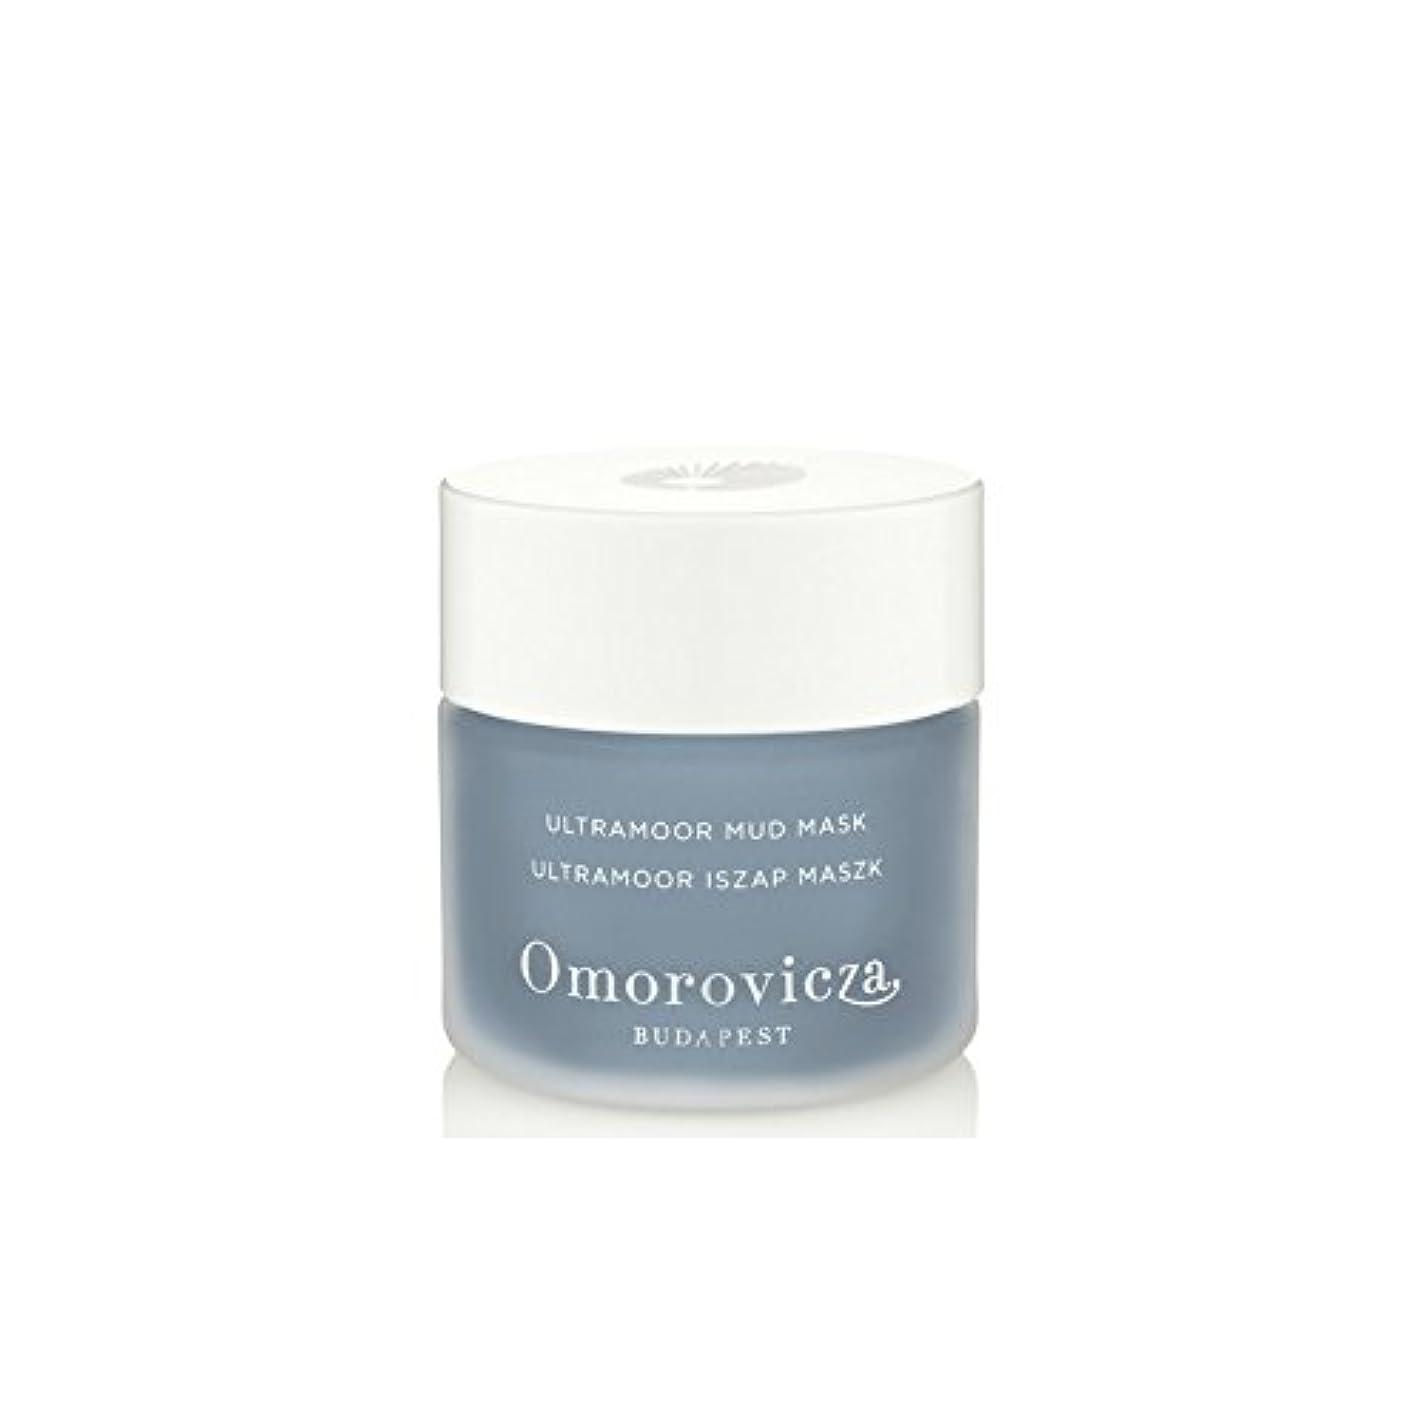 とげパットローブ泥マスク(50ミリリットル) x4 - Omorovicza Ultramoor Mud Mask (50ml) (Pack of 4) [並行輸入品]